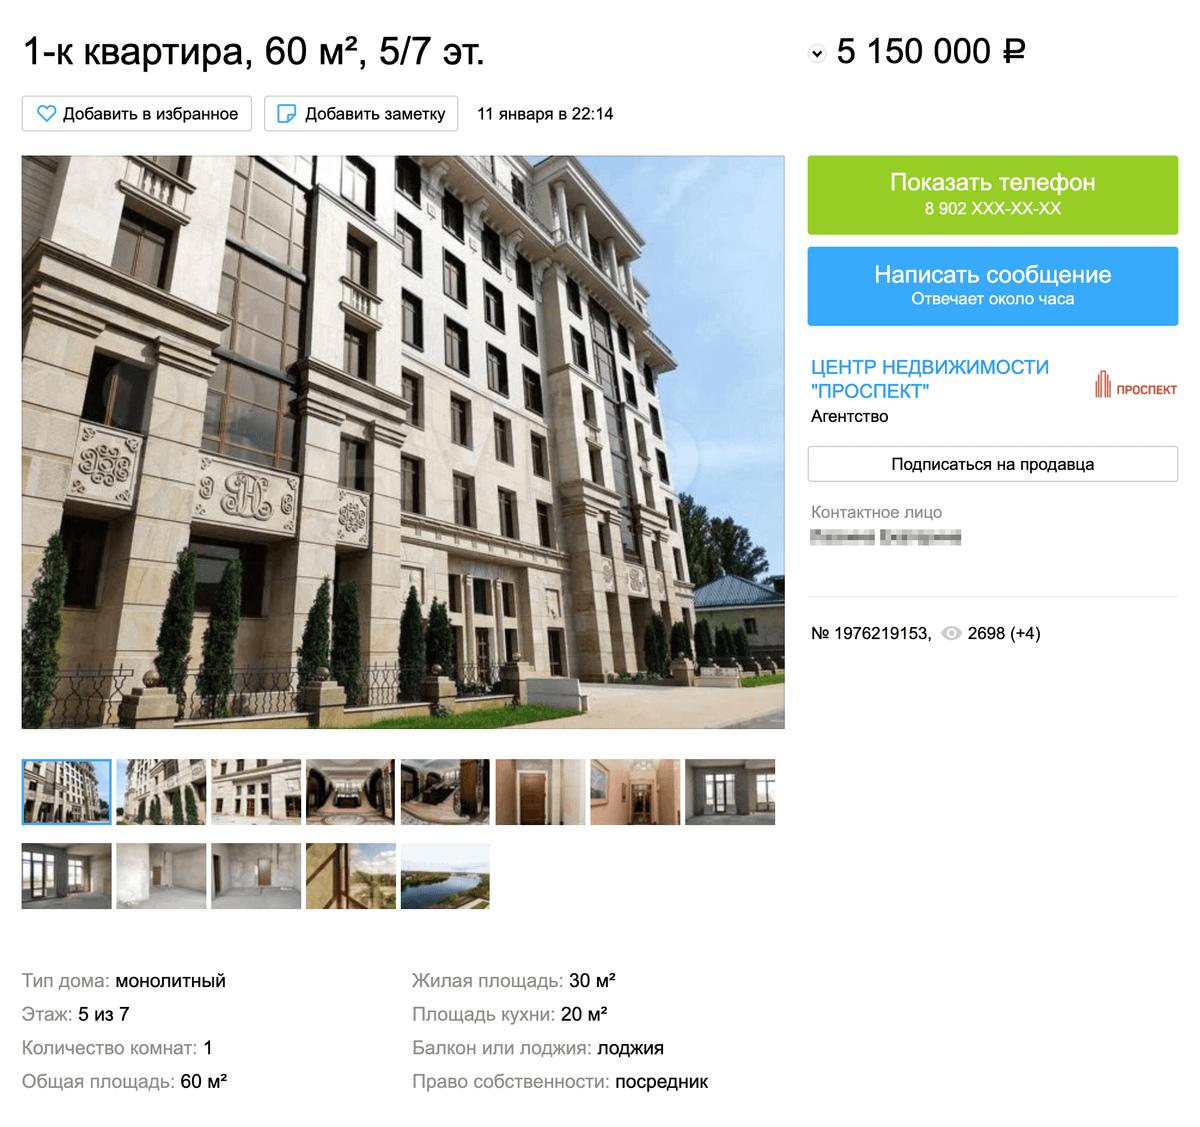 В Пензе продают и элитное жилье: однушка площадью 60 м² с черновой отделкой в «Доме на набережной» на «Авито» через риелтора обойдется в 5,2 млн рублей. Дом с парковкой, консьержем, а квартира — с высокими потолками и панорамными окнами